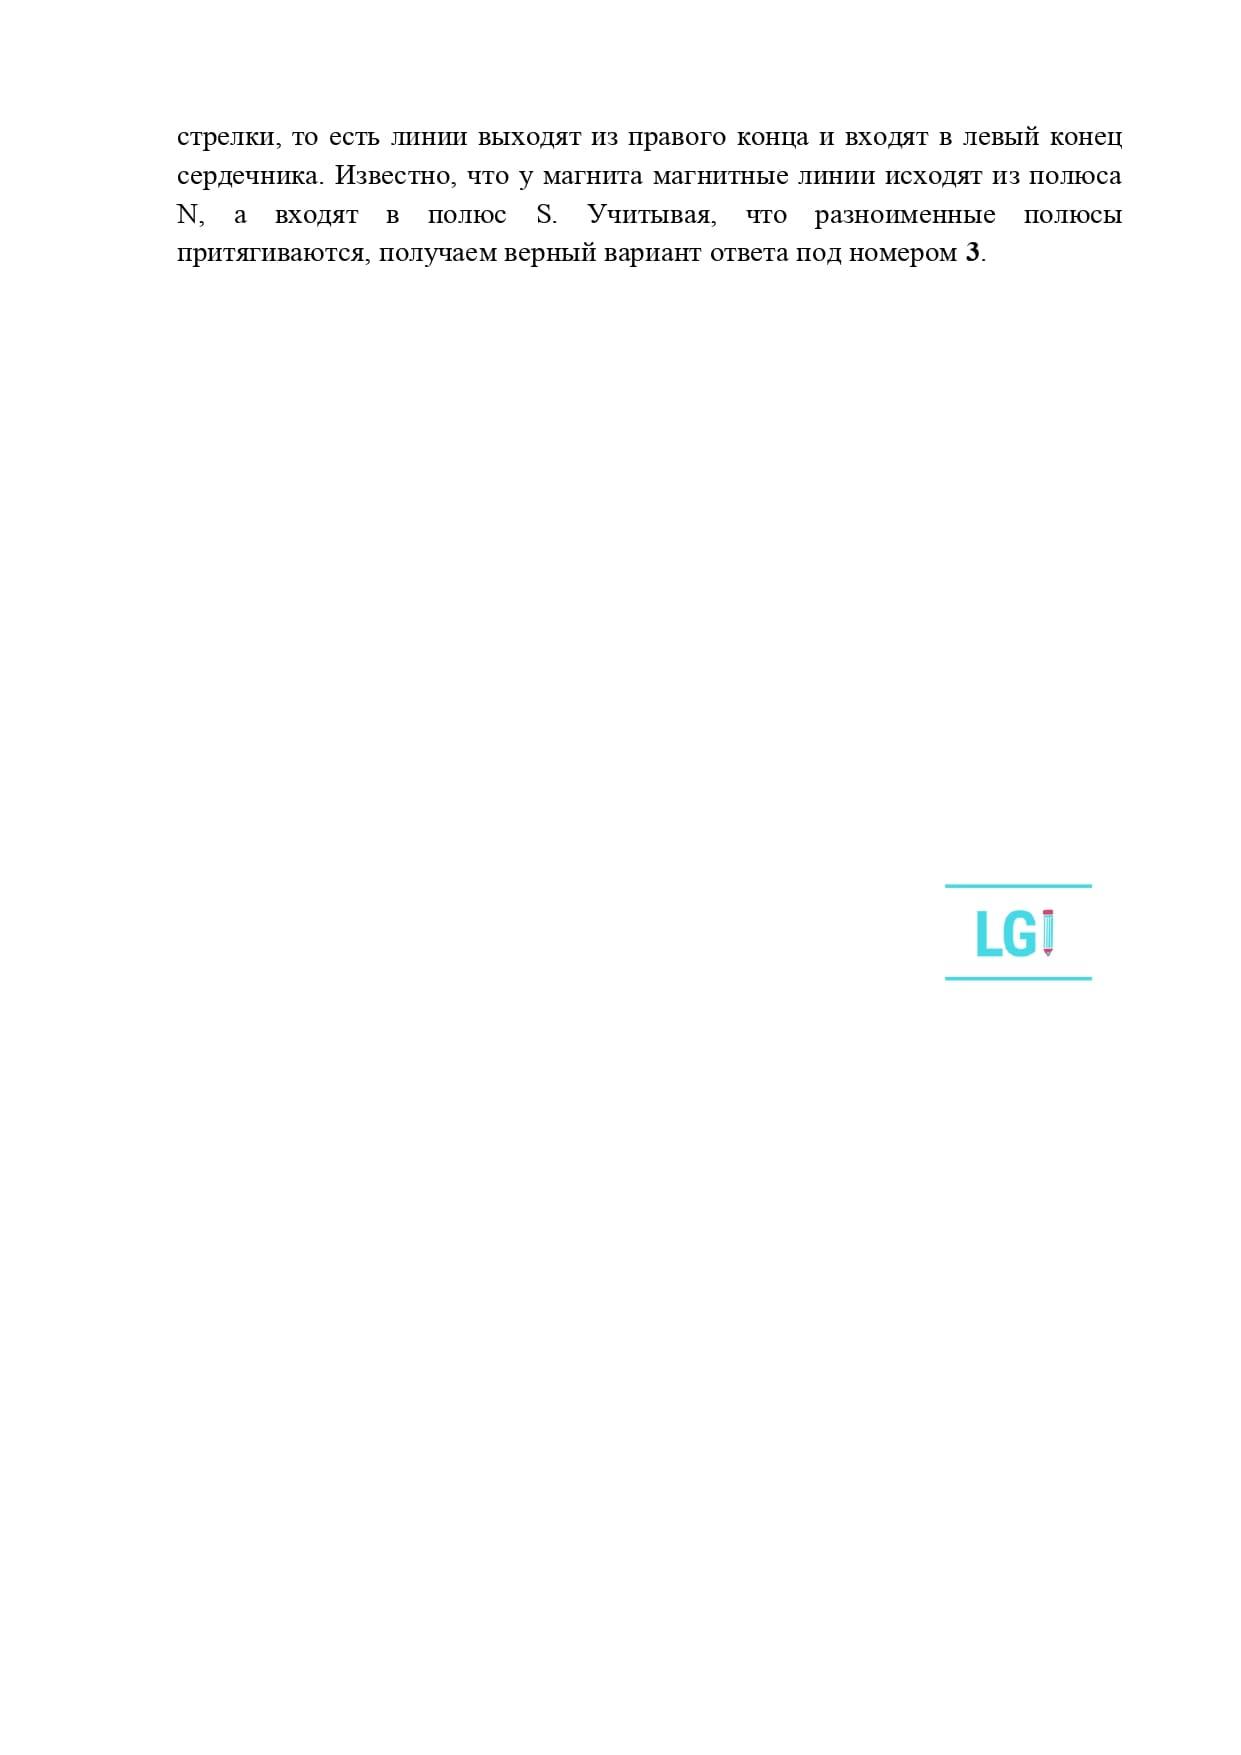 Задания из банка ФИПИ. ОГЭ. 9 класс. Физика. Магнетизм. страница 4